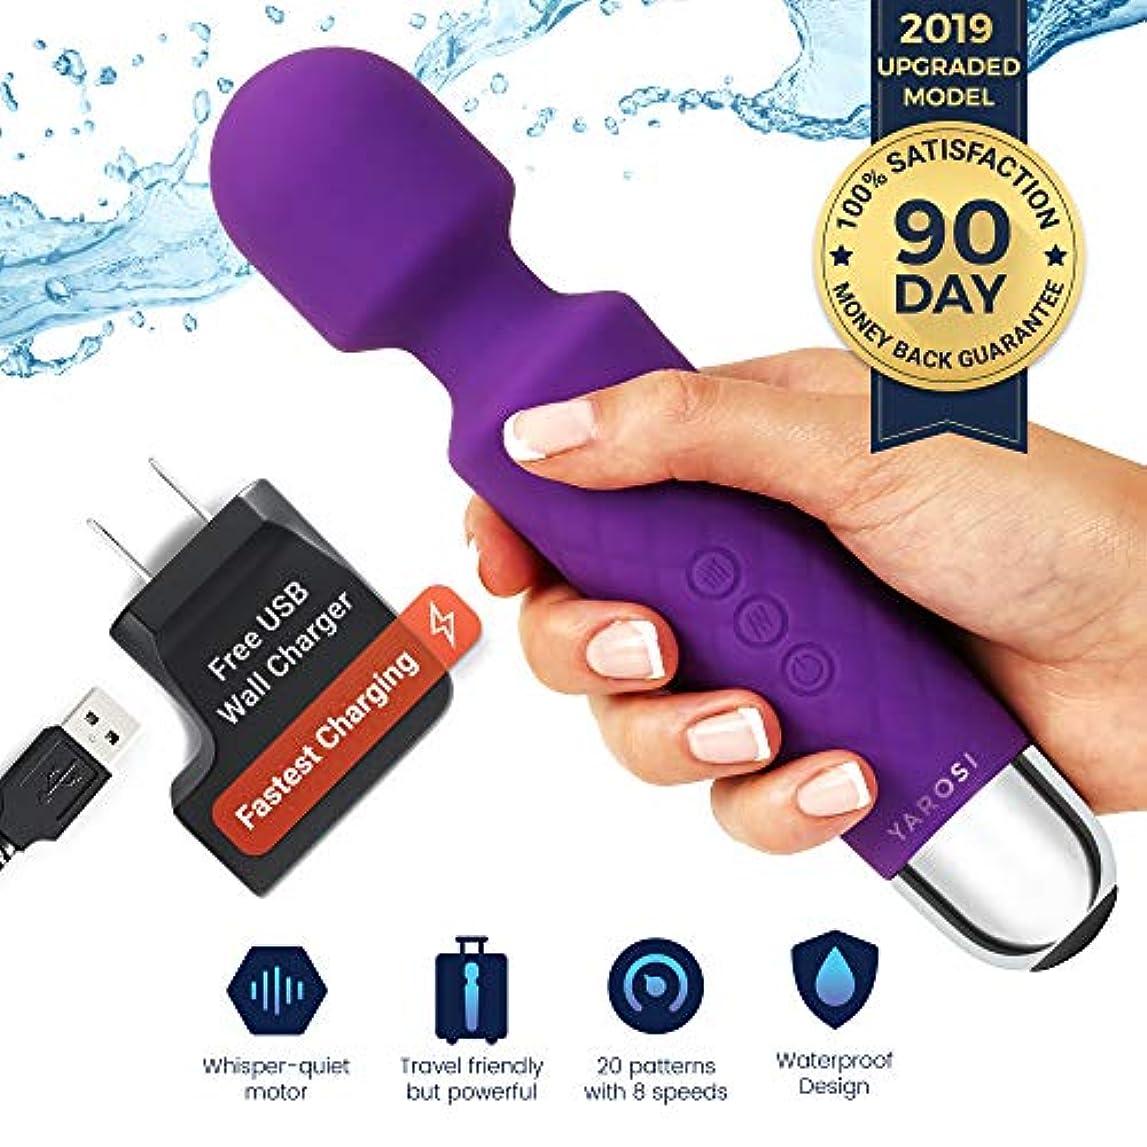 慣性パズル刺激するジャロシのコードレスワンドマッサージャー - 振動のための最も強力な治療 - 旅行の贈り物に適して - 魔法の圧力の目覚め - 筋肉のアーチやパーソナルスポーツの回復に最適 - USB - ミニ - パープル